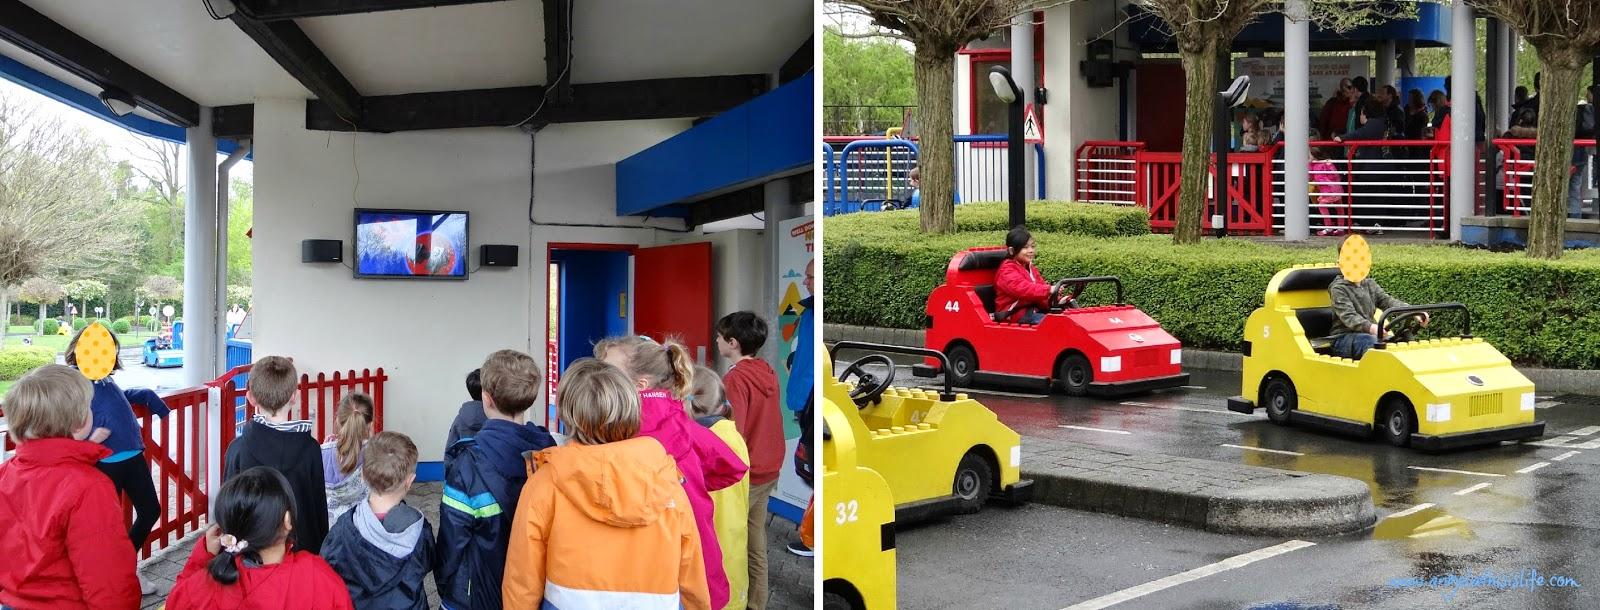 Legoland Windsor 2014, Legoland Windsor Easter, Legoland Windsor Driving School